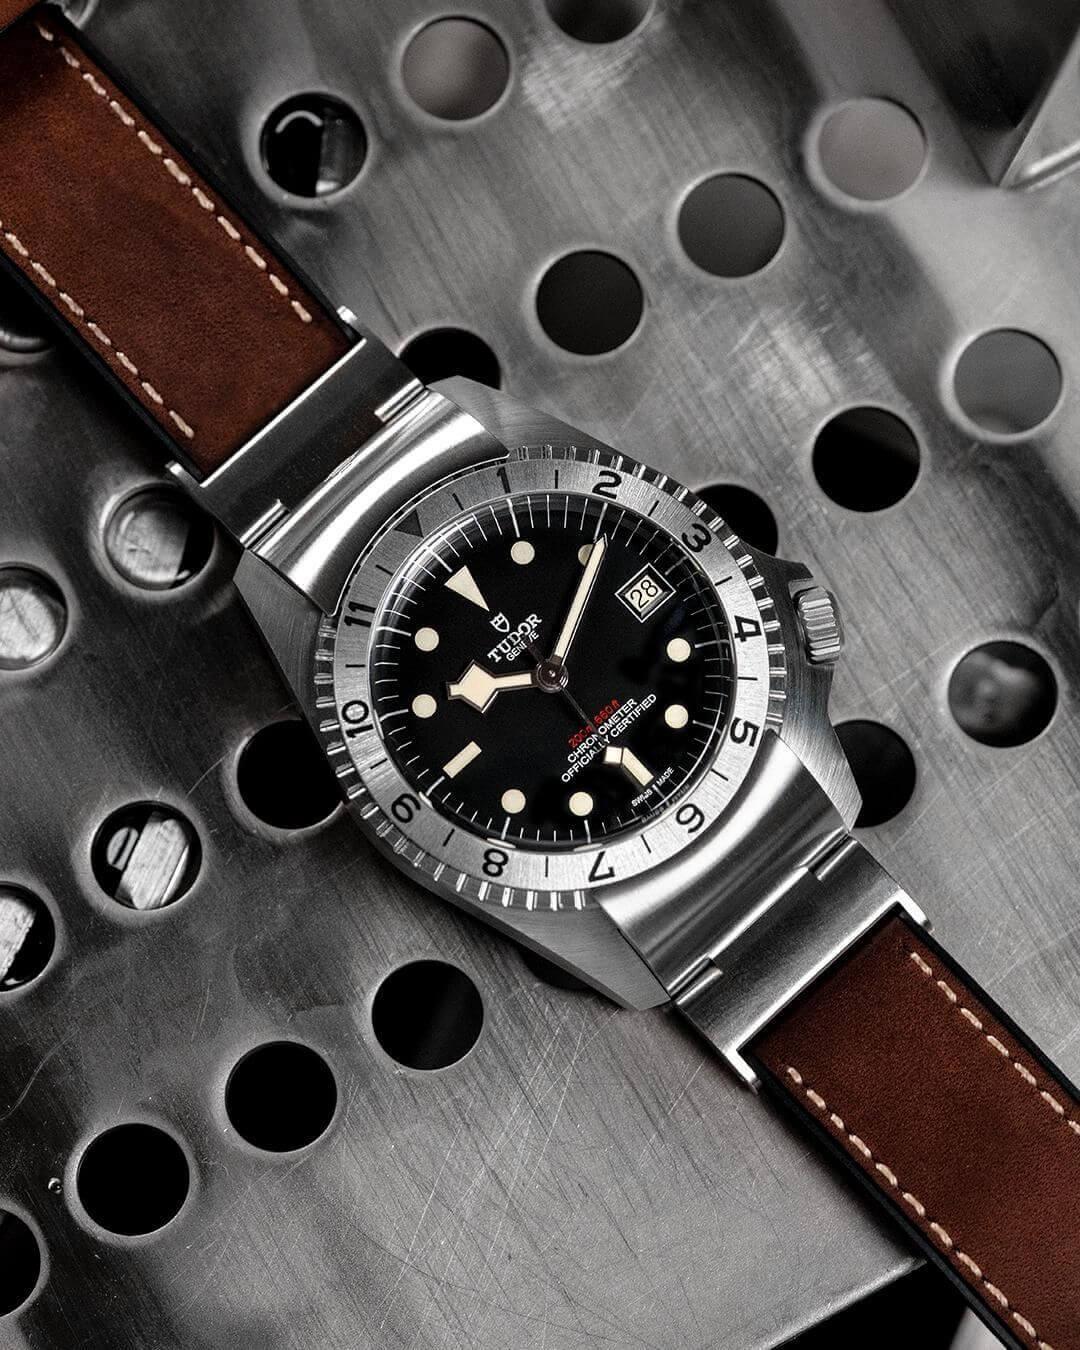 Tudor Black Bay P01 Ref. 70150-0001 - Mamic 1970